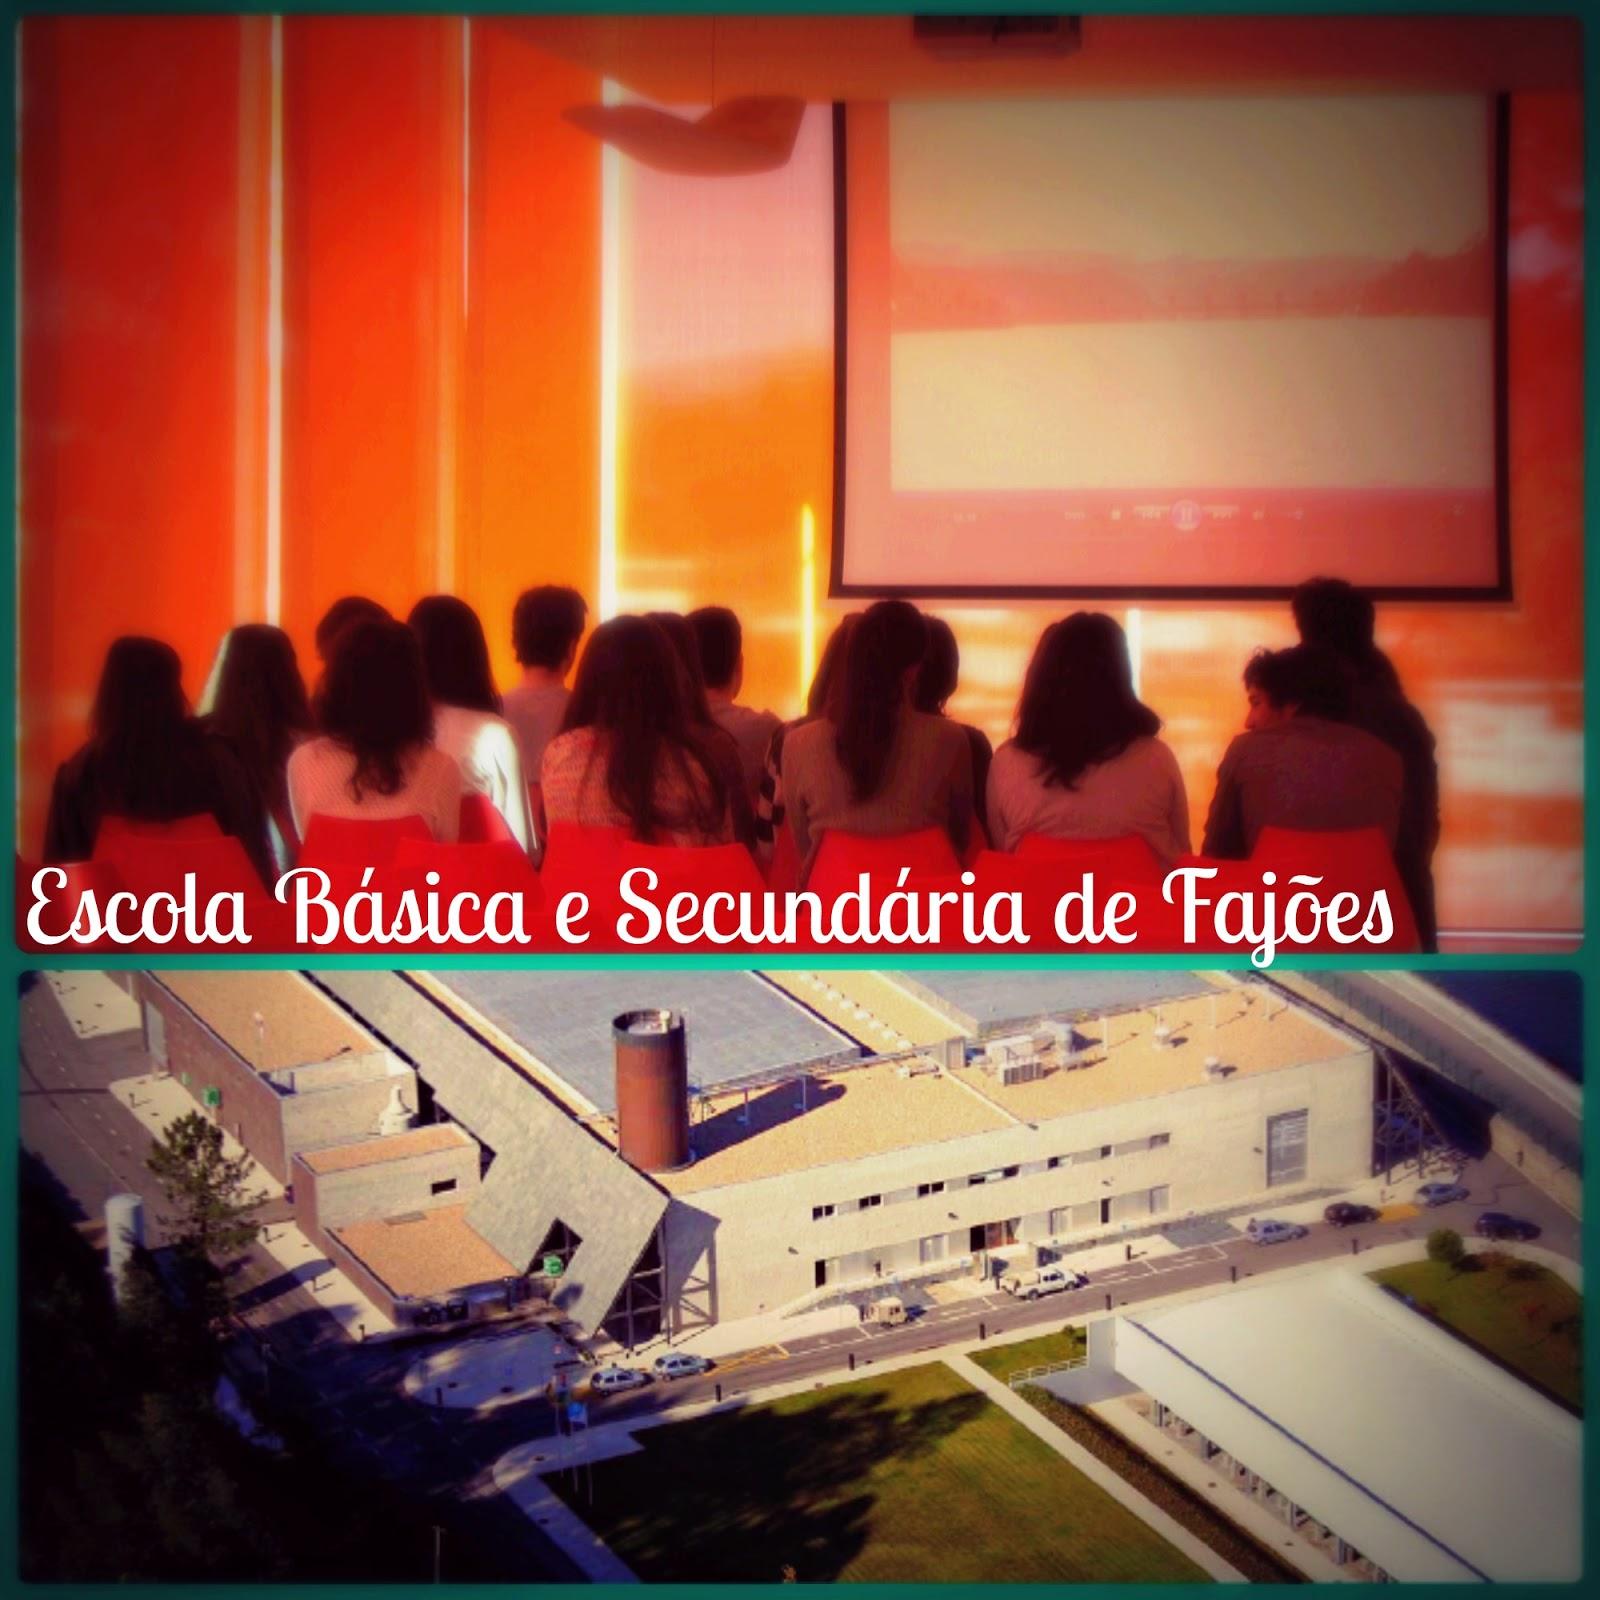 http://www.agrupamento-fajoes.pt/